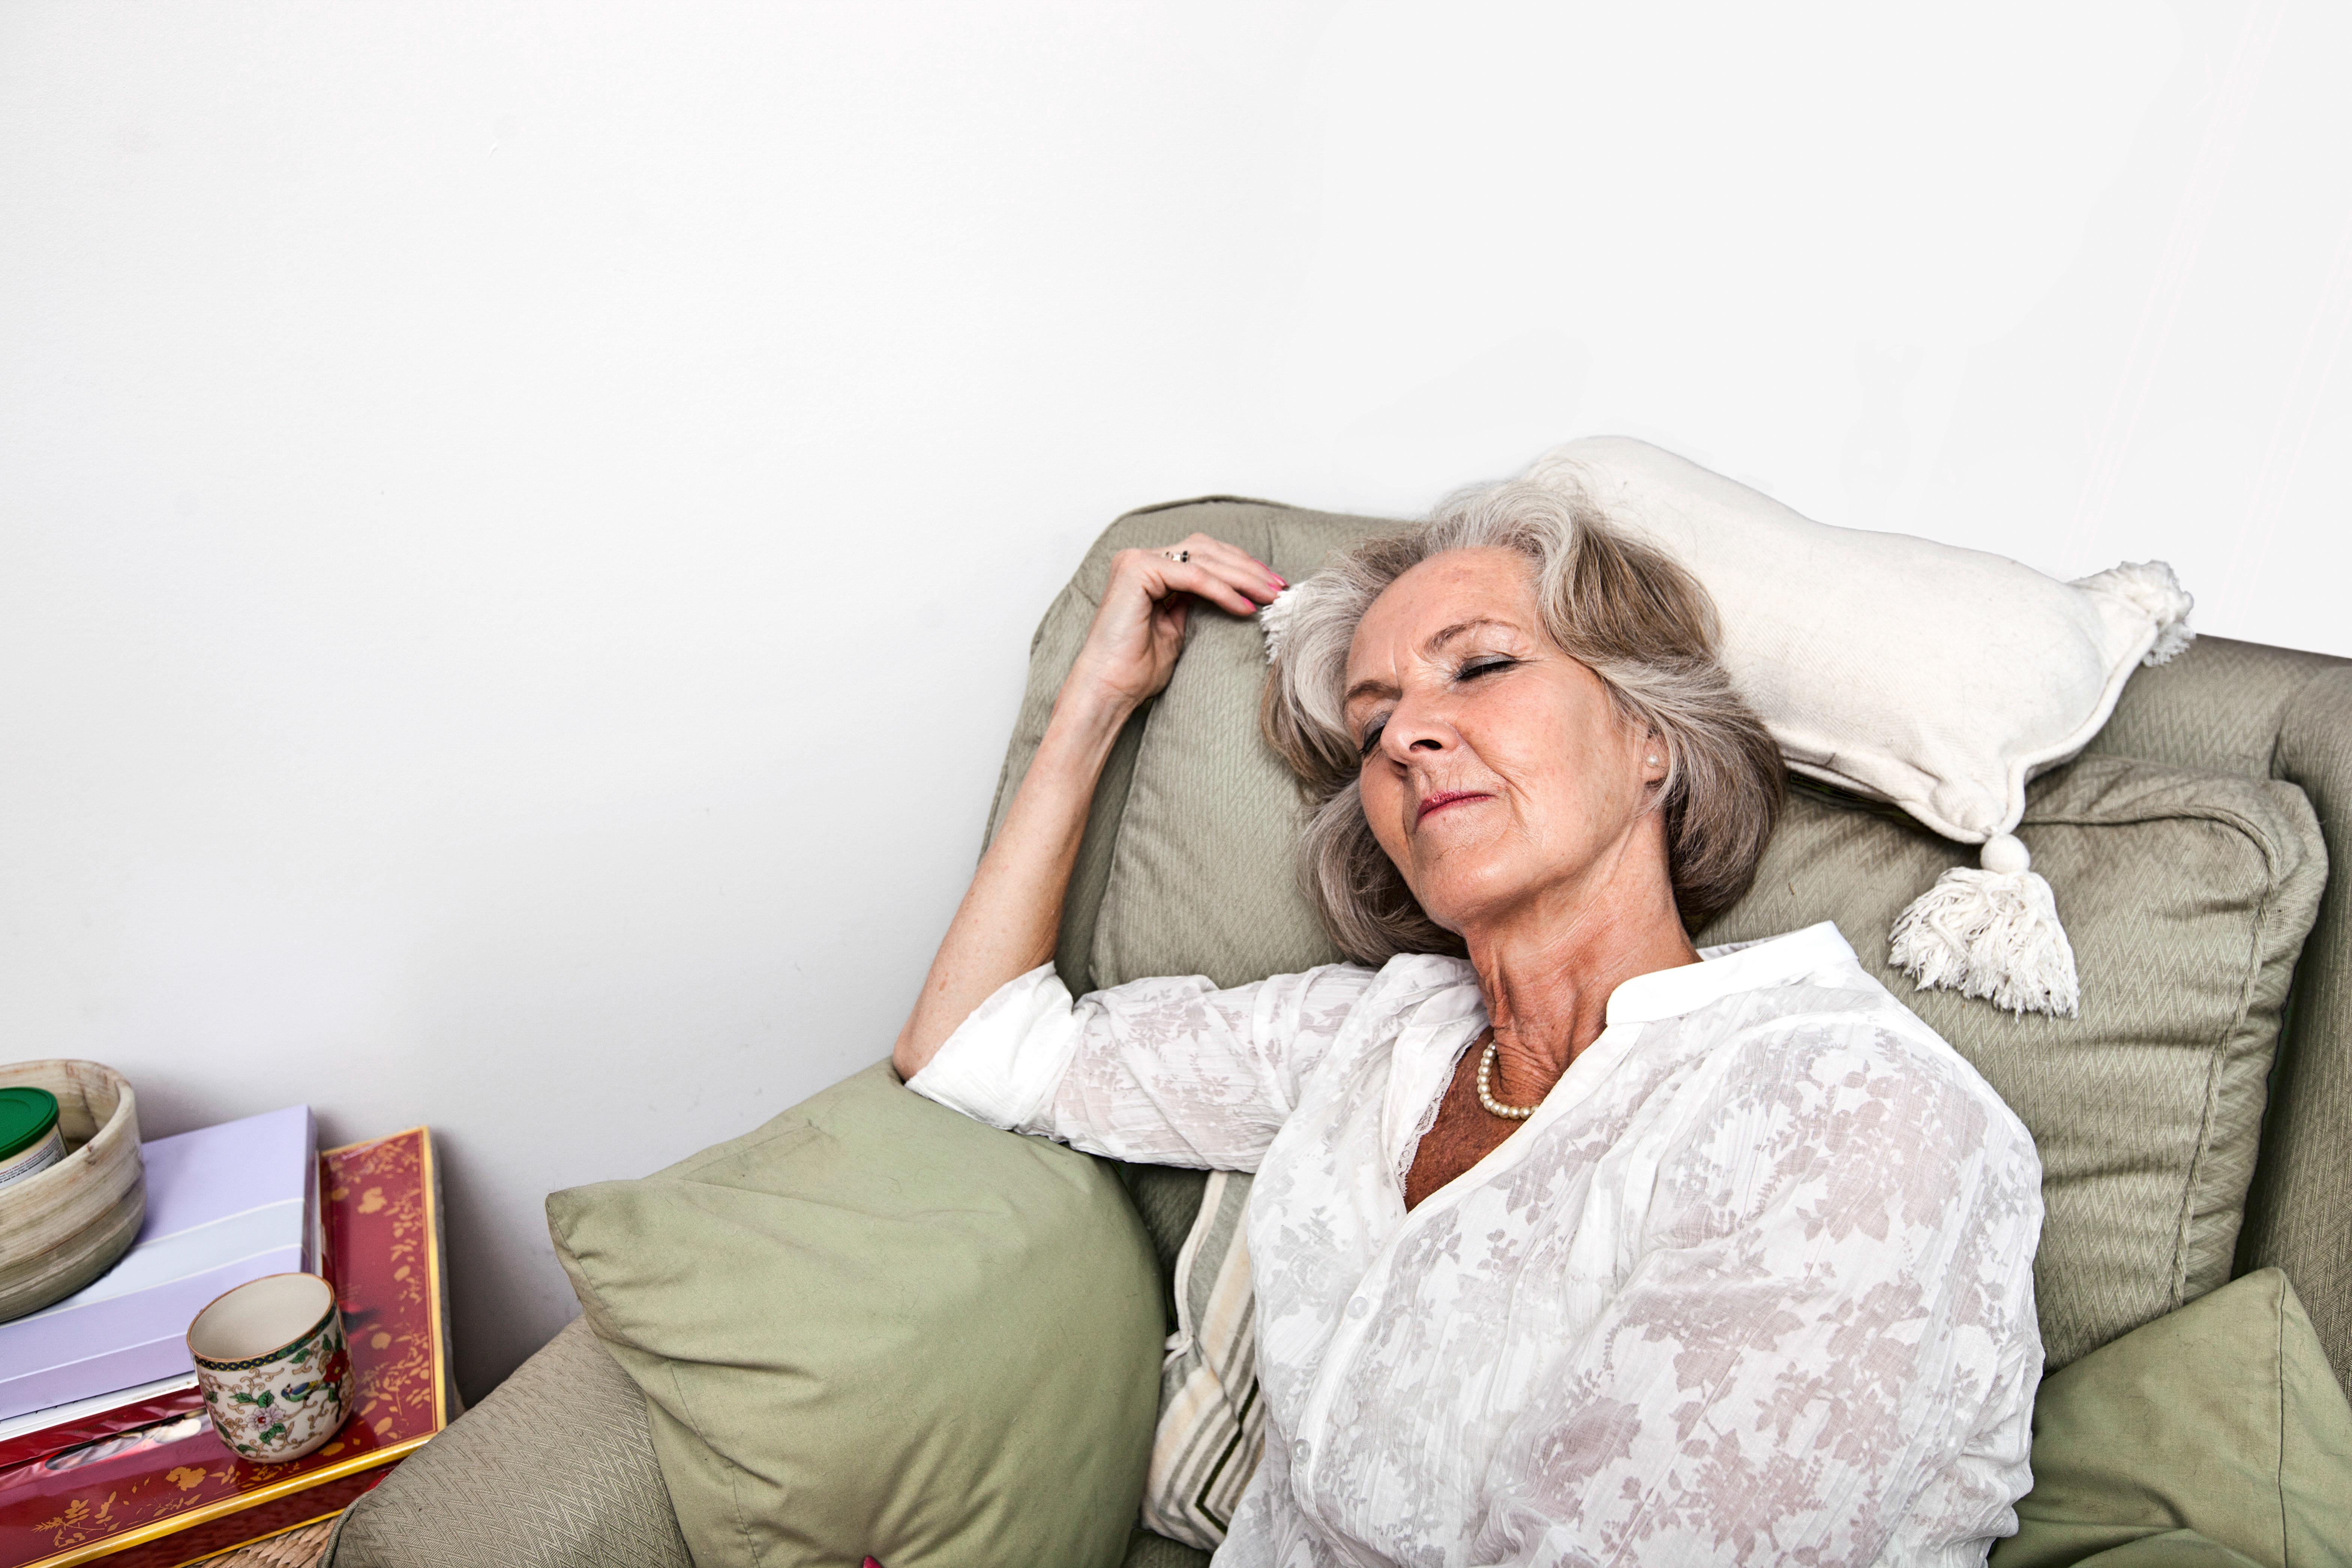 Forskare varnar: Tupplurar kan vara ett tidigt tecken på demens